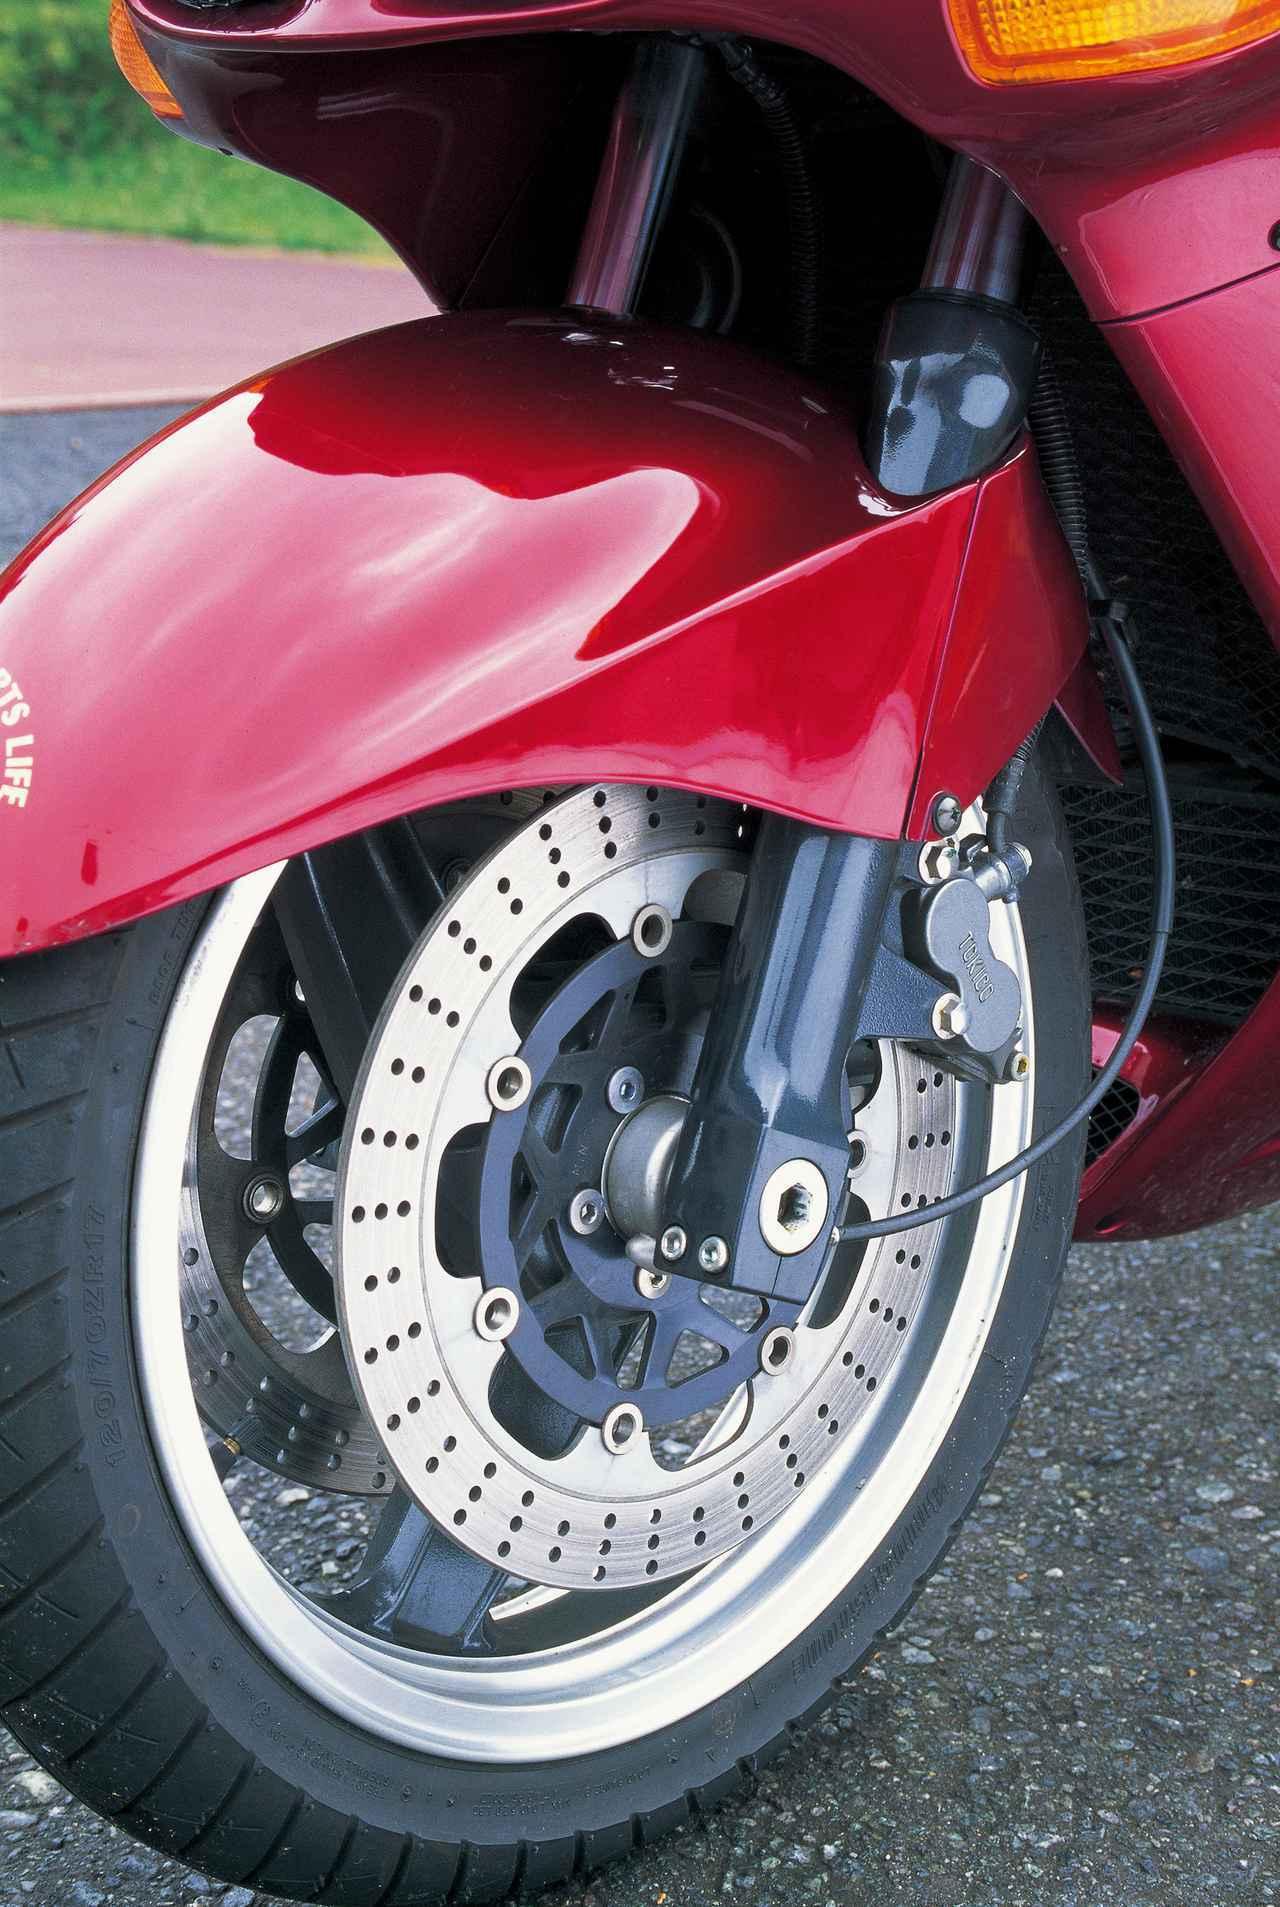 画像: D型ではフロントブレーキのローター径が10mm拡大されたΦ320mmとなり、キャリパーも新型に変更されて制動力が向上している。